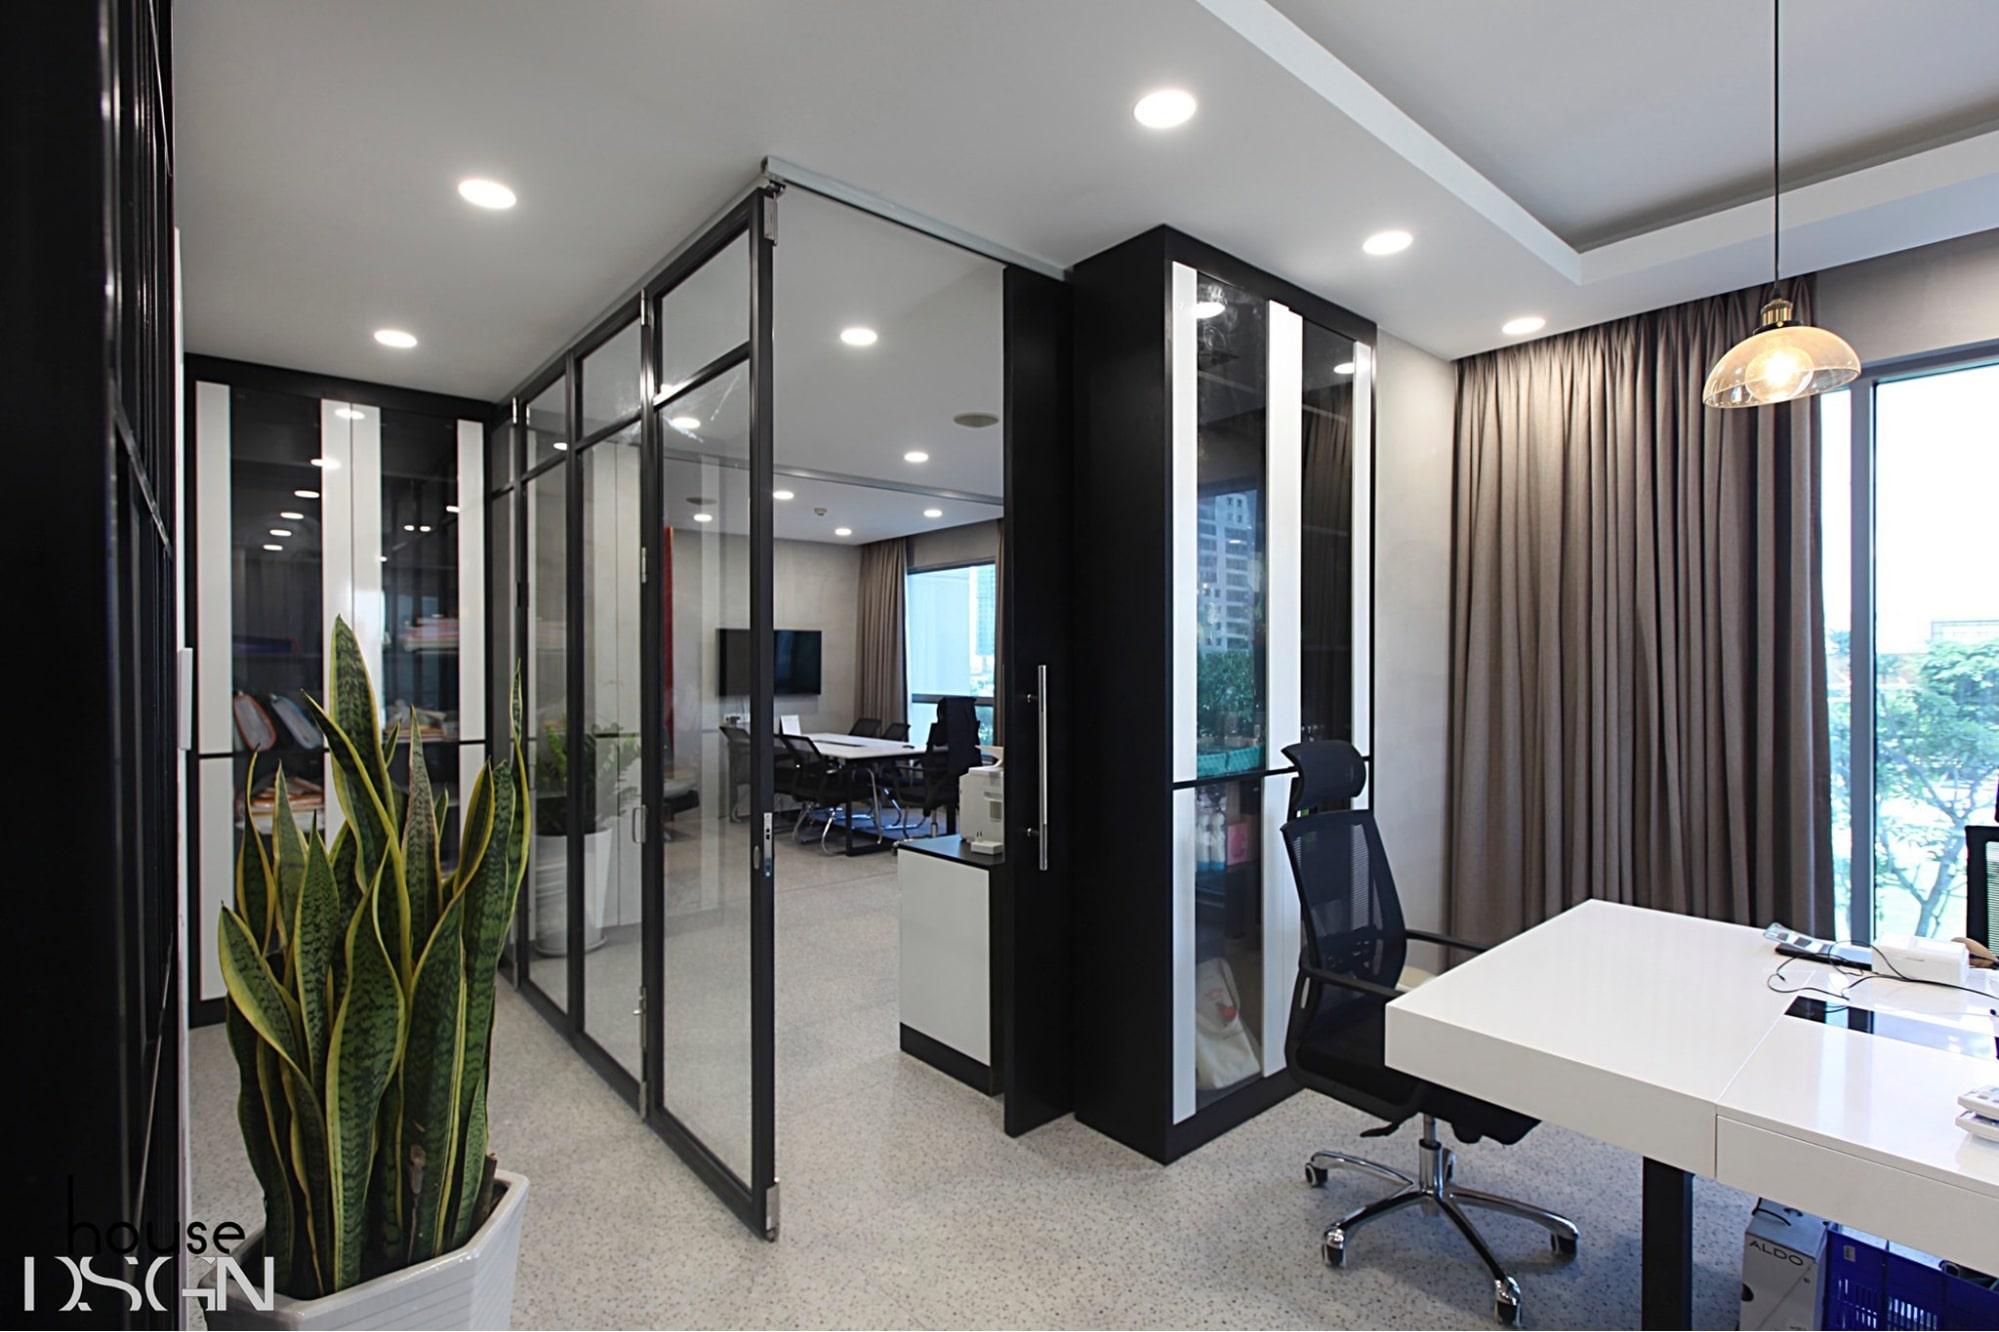 đơn vị thiết kế thi công văn phòng chuyên nghiệp